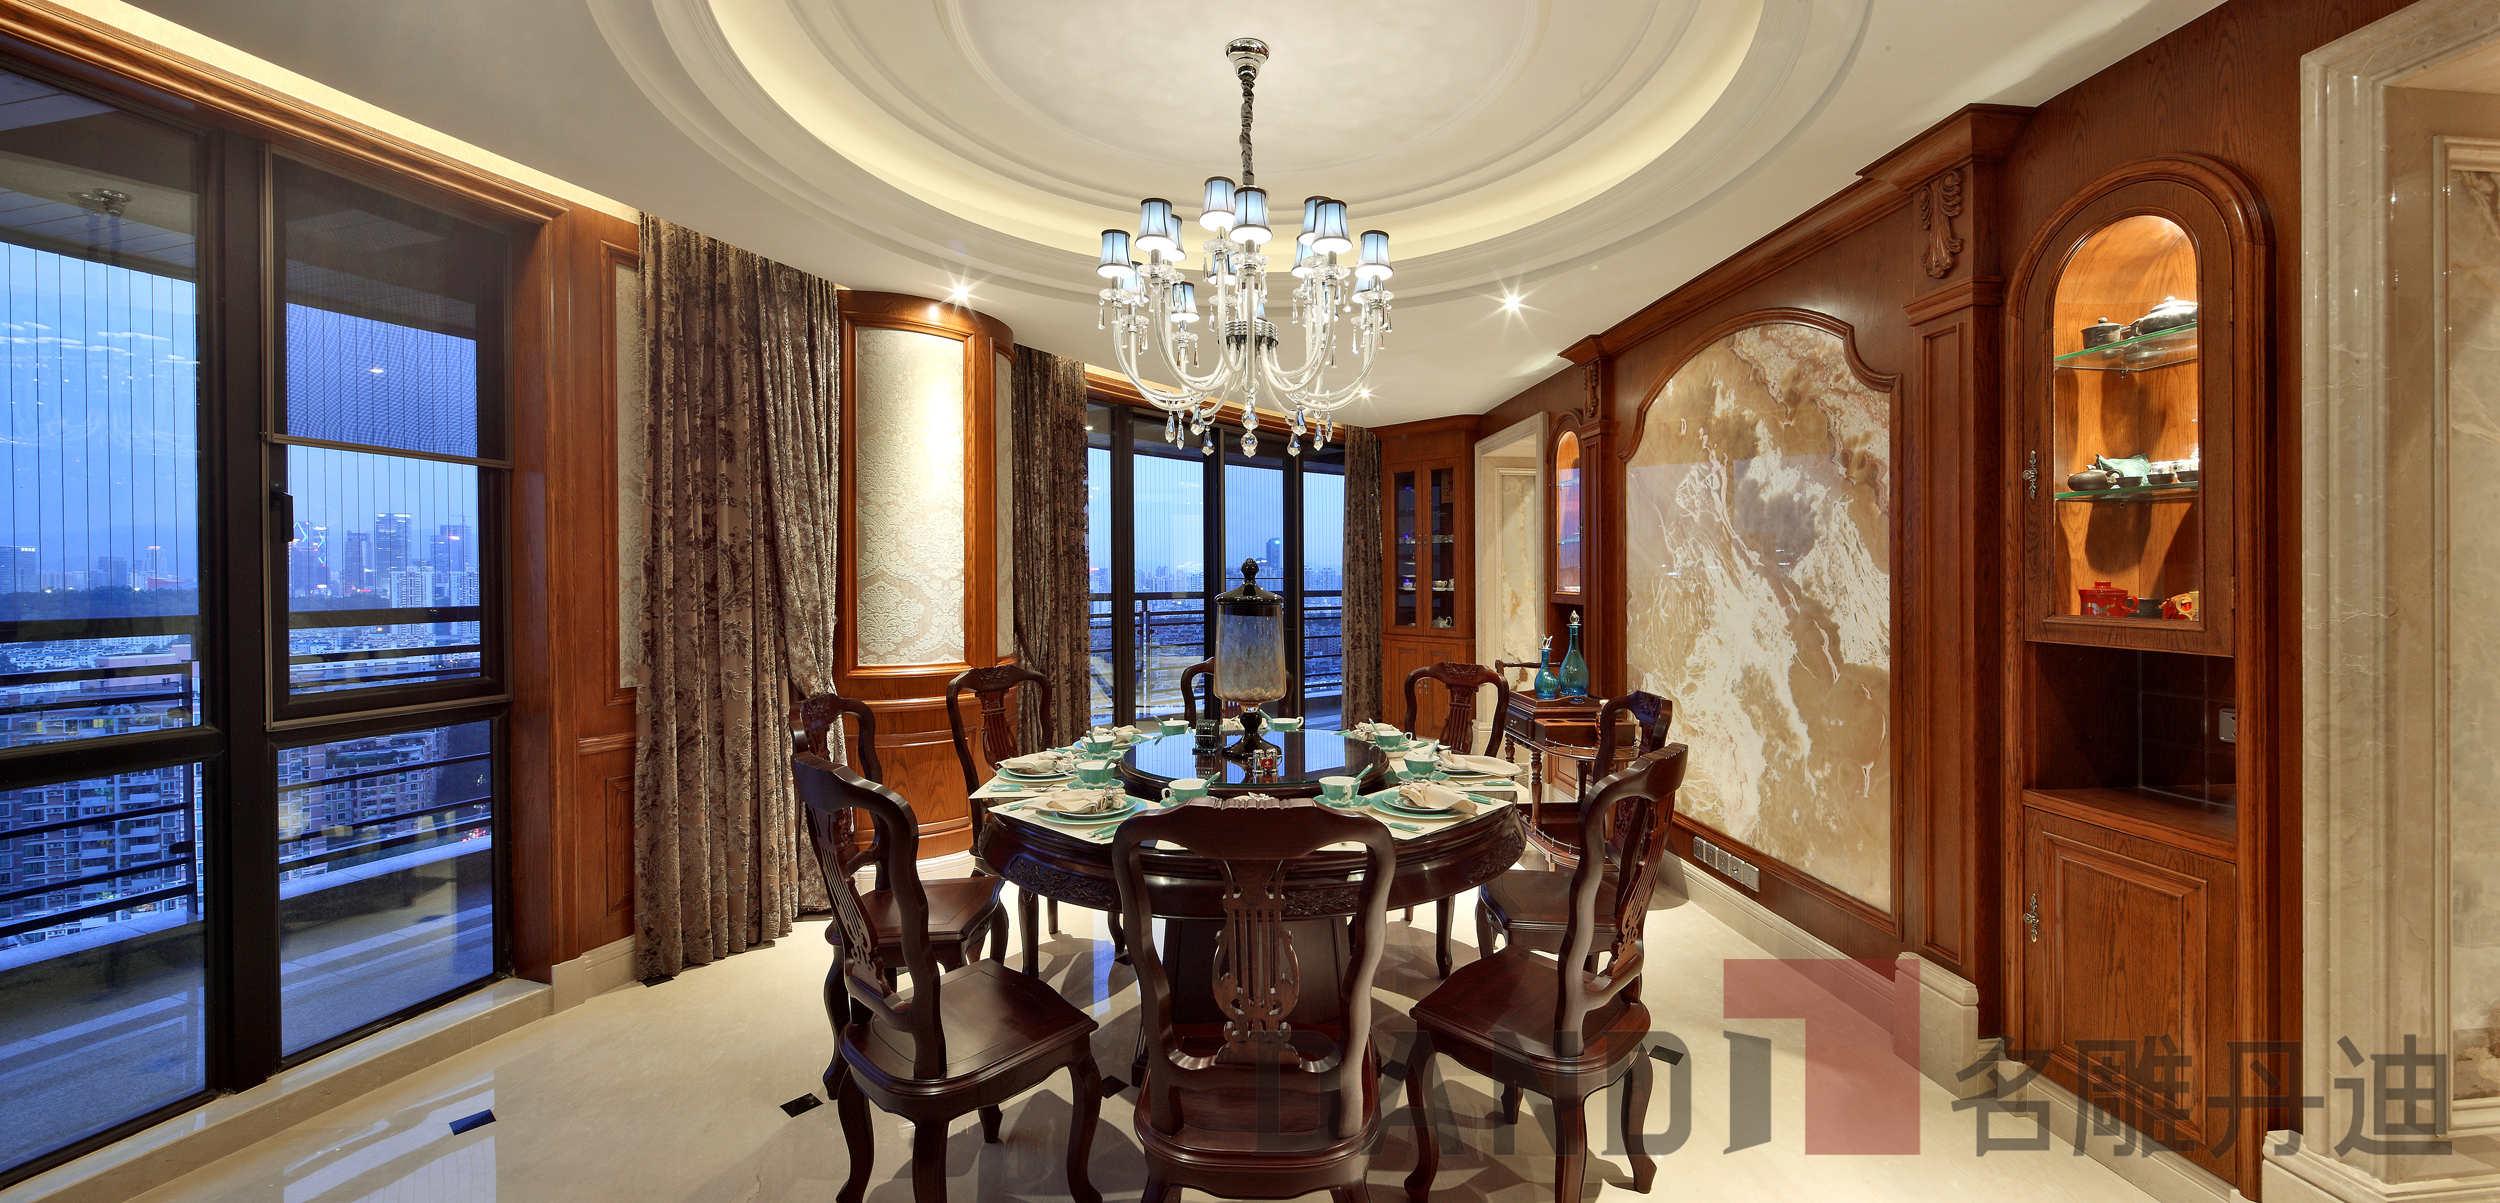 美式 欧式 别墅 餐厅图片来自名雕丹迪在天御山-美式风格-700平-独栋的分享